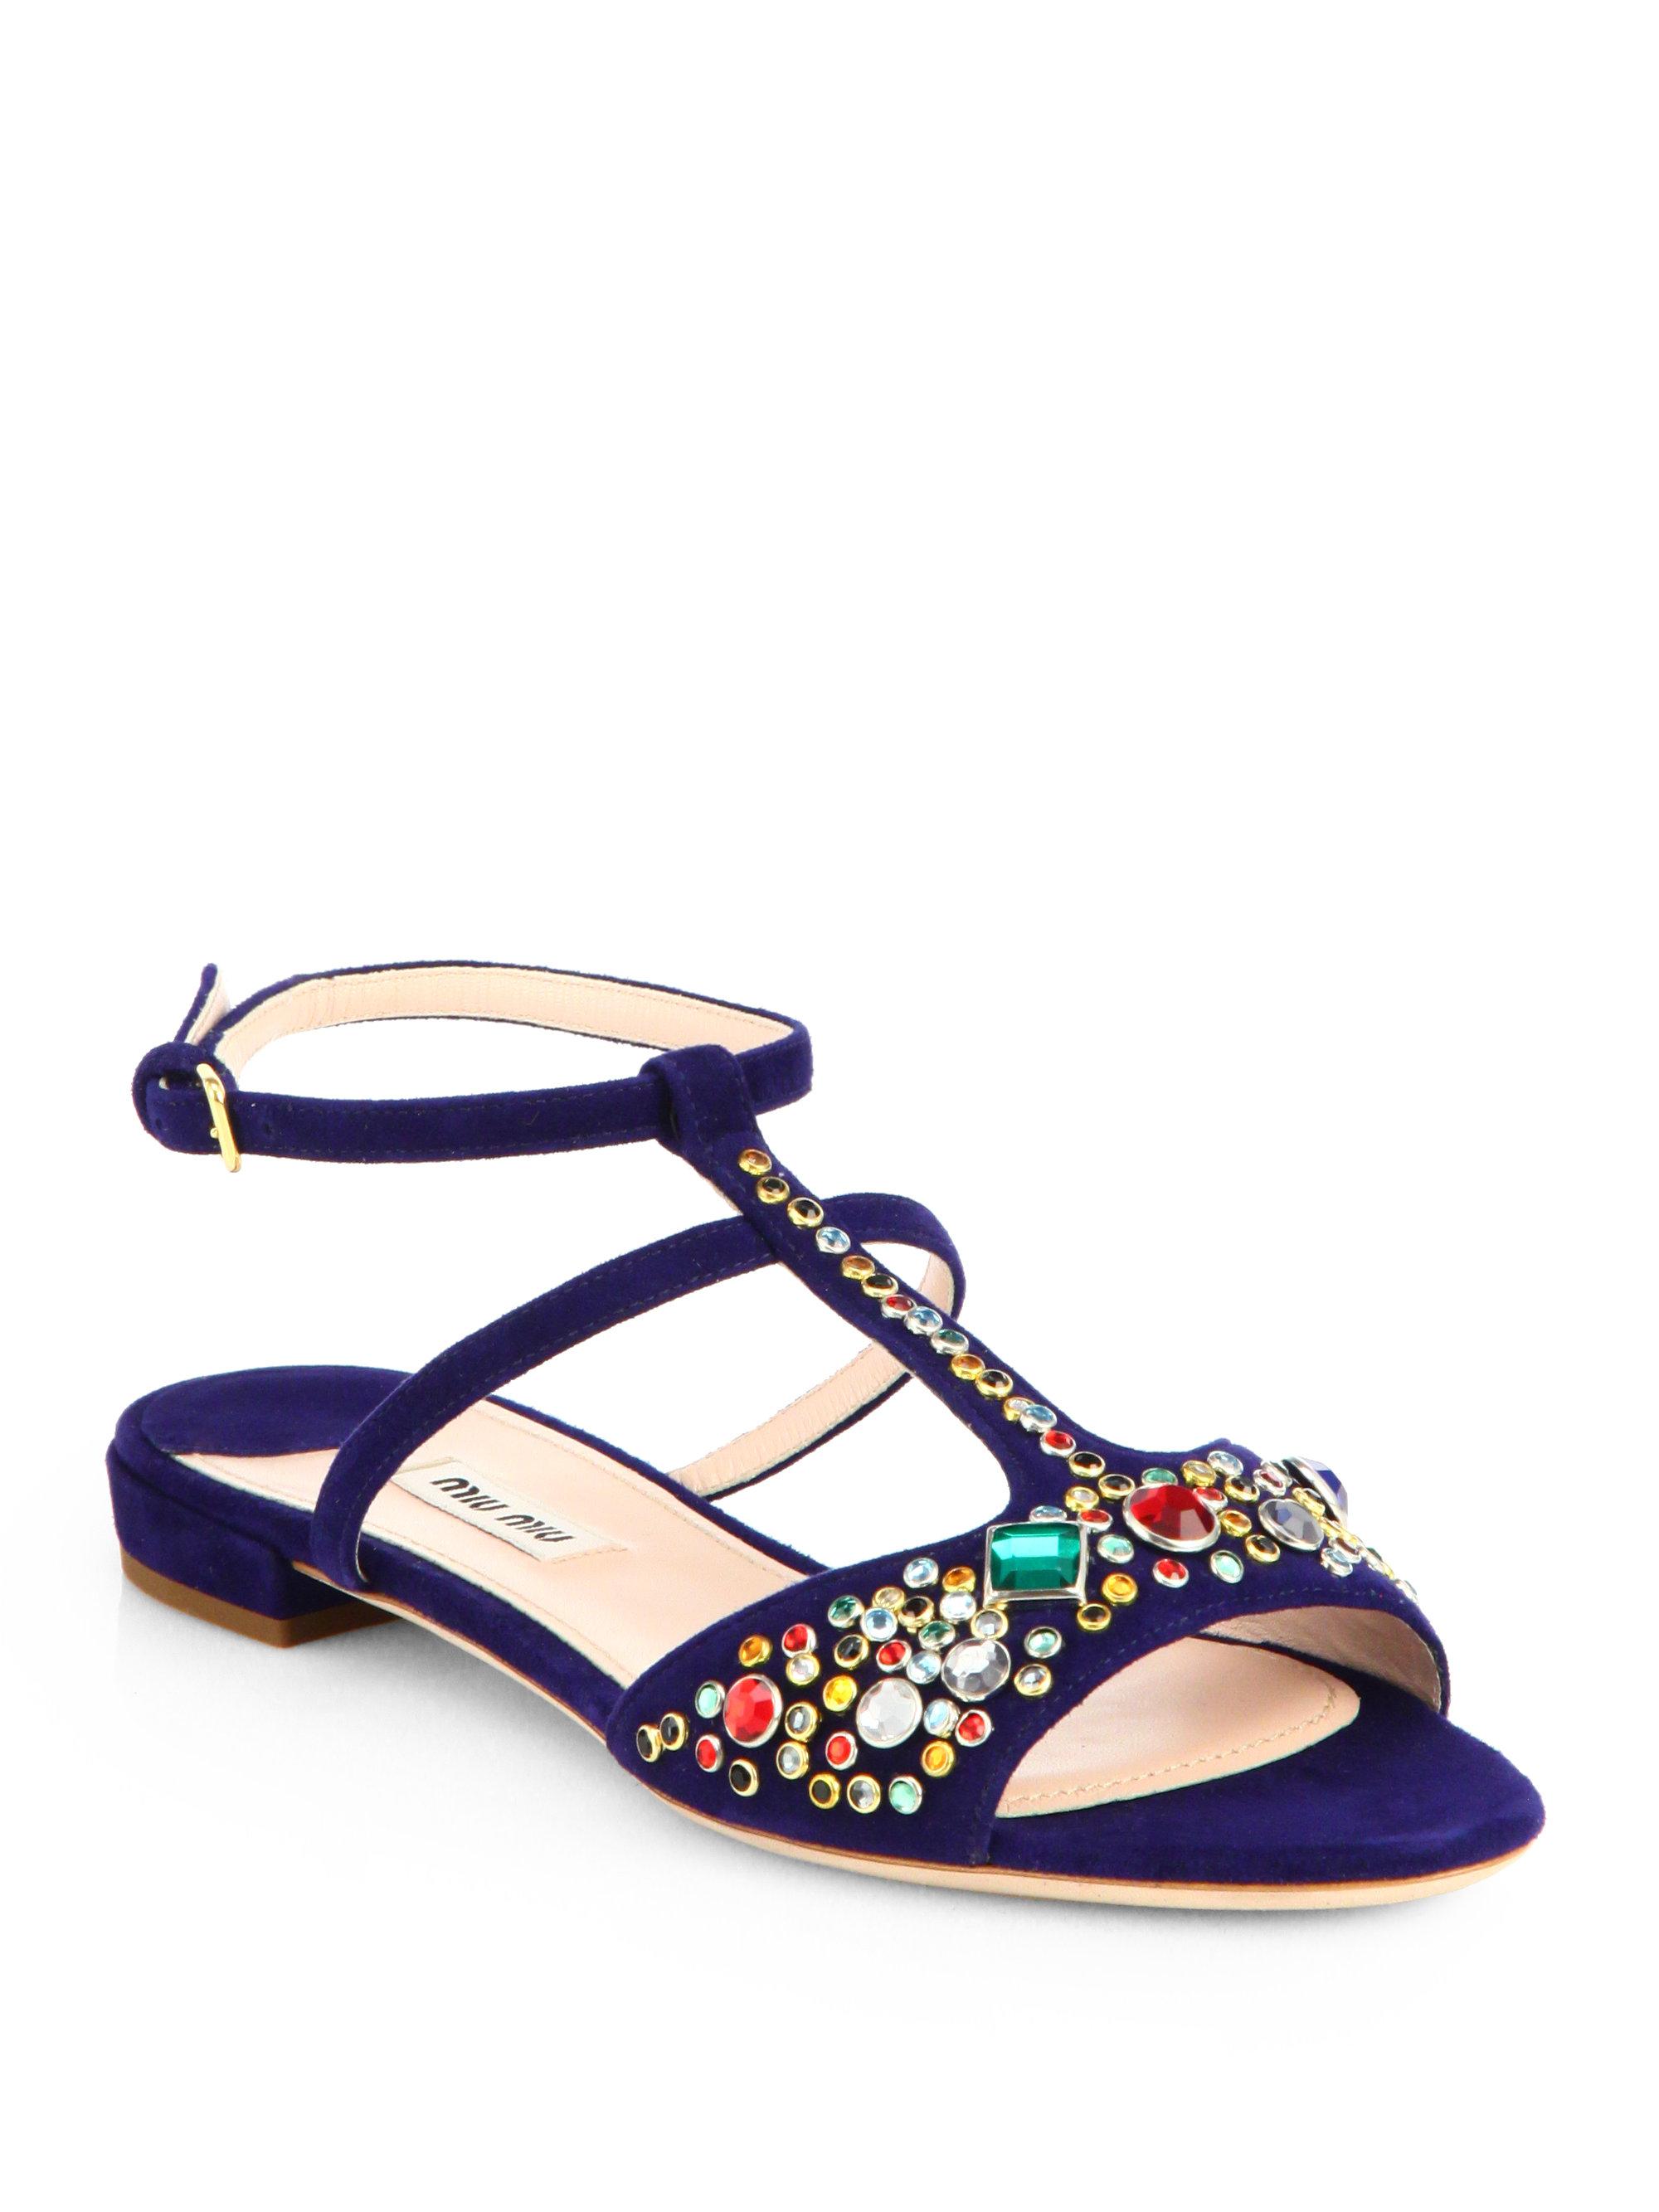 Miu Miu Jeweled Suede Sandals In Blue Navy Lyst